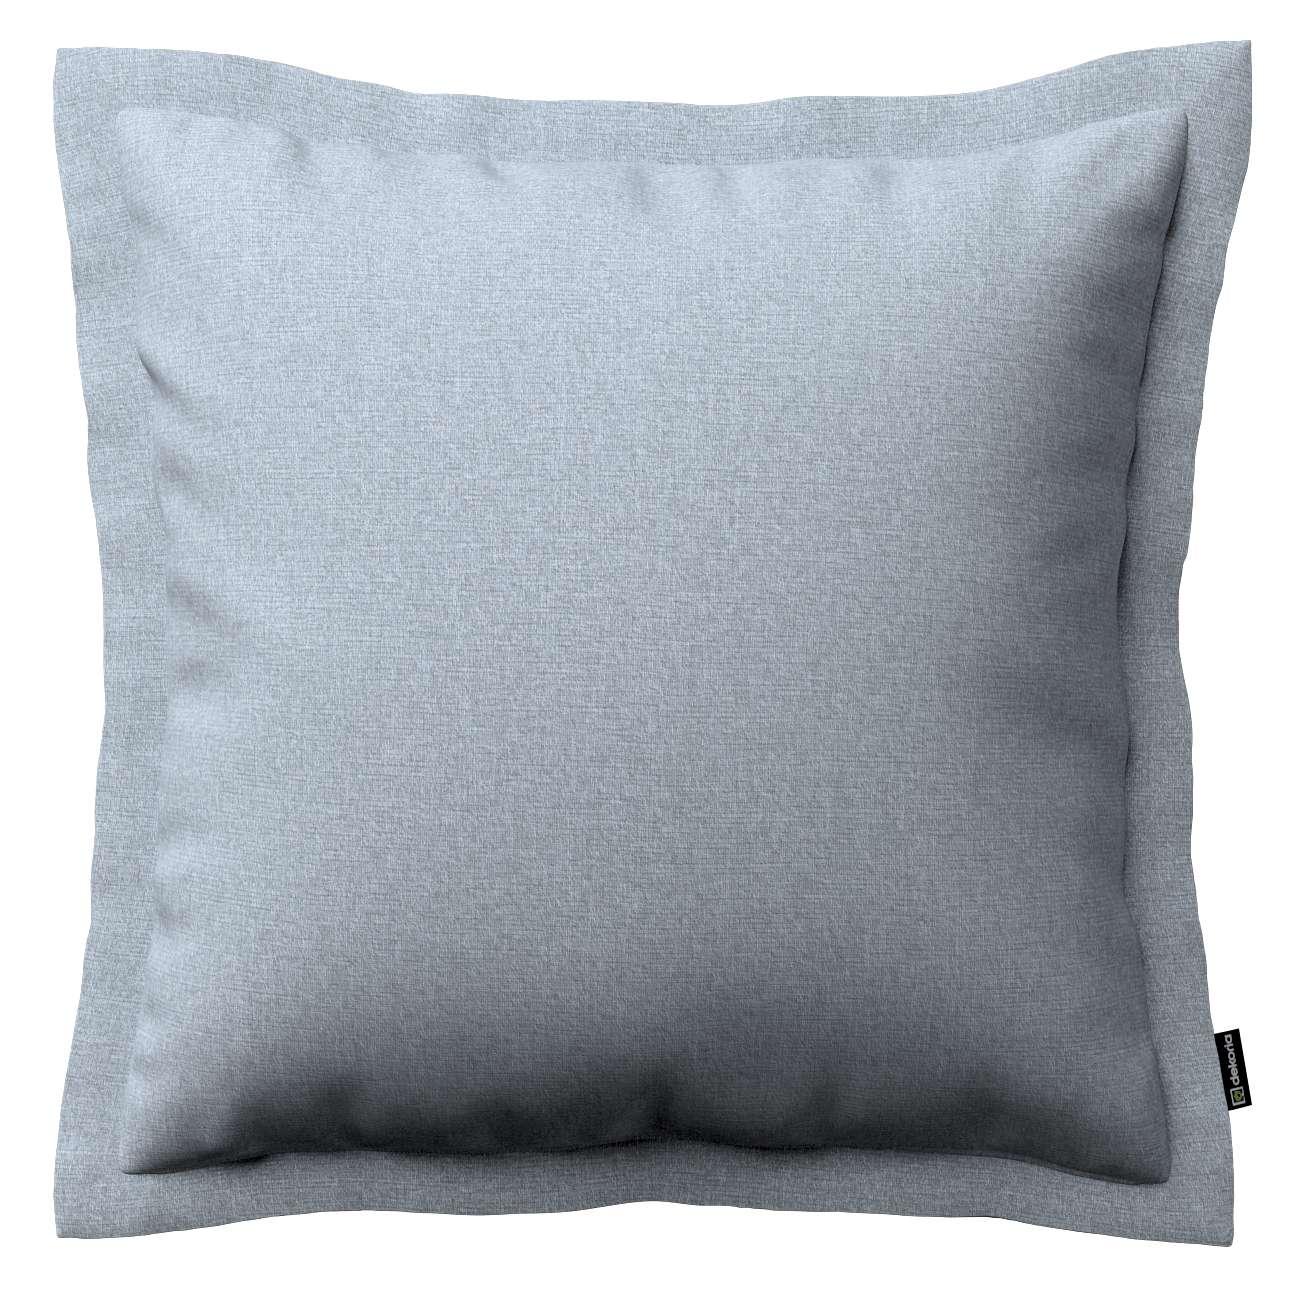 Poszewka Mona na poduszkę w kolekcji Amsterdam, tkanina: 704-46